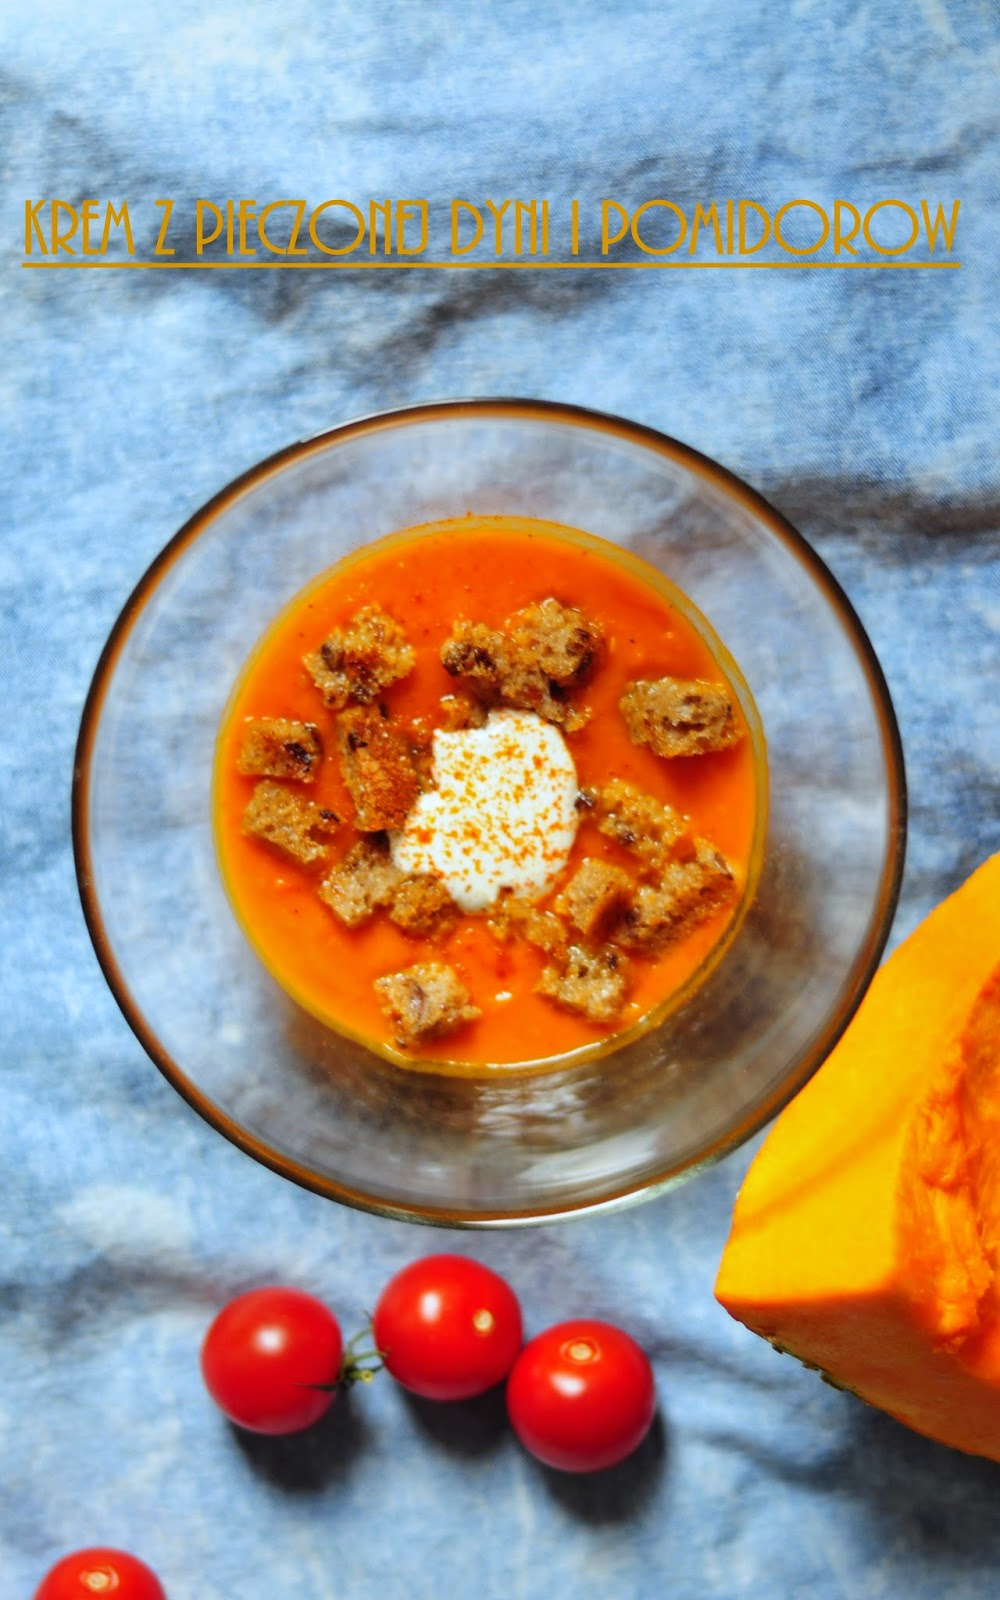 zupa z dyni i z pomidorów, krem z pieczonej dyni i pomidorów